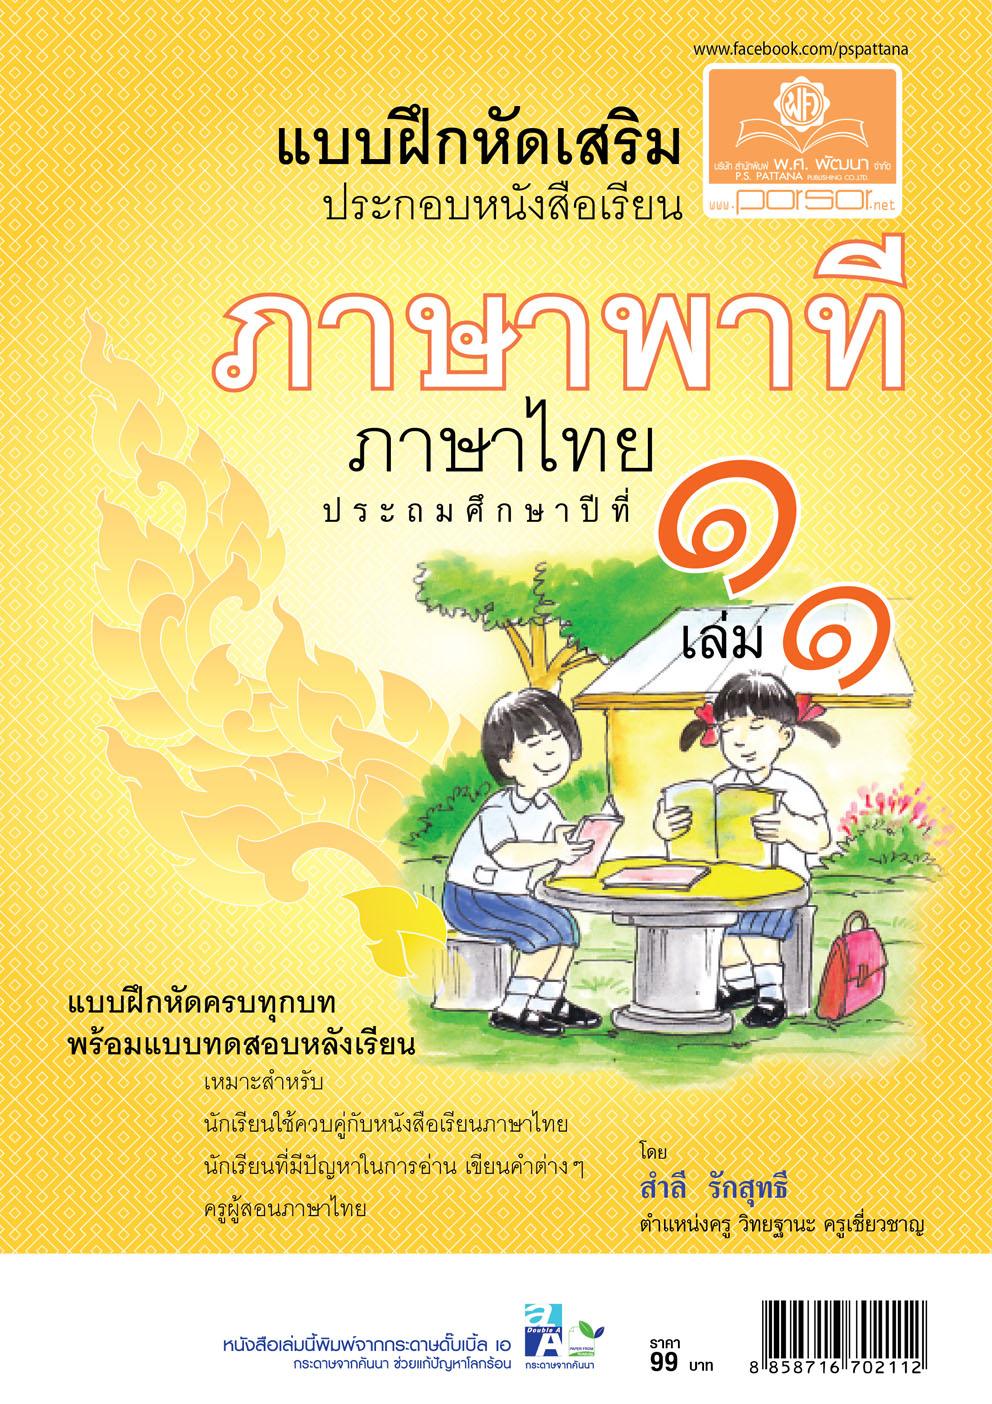 แบบฝึกเสริม ภาษาไทย ป.1 เล่ม 1 ภาษาพาที